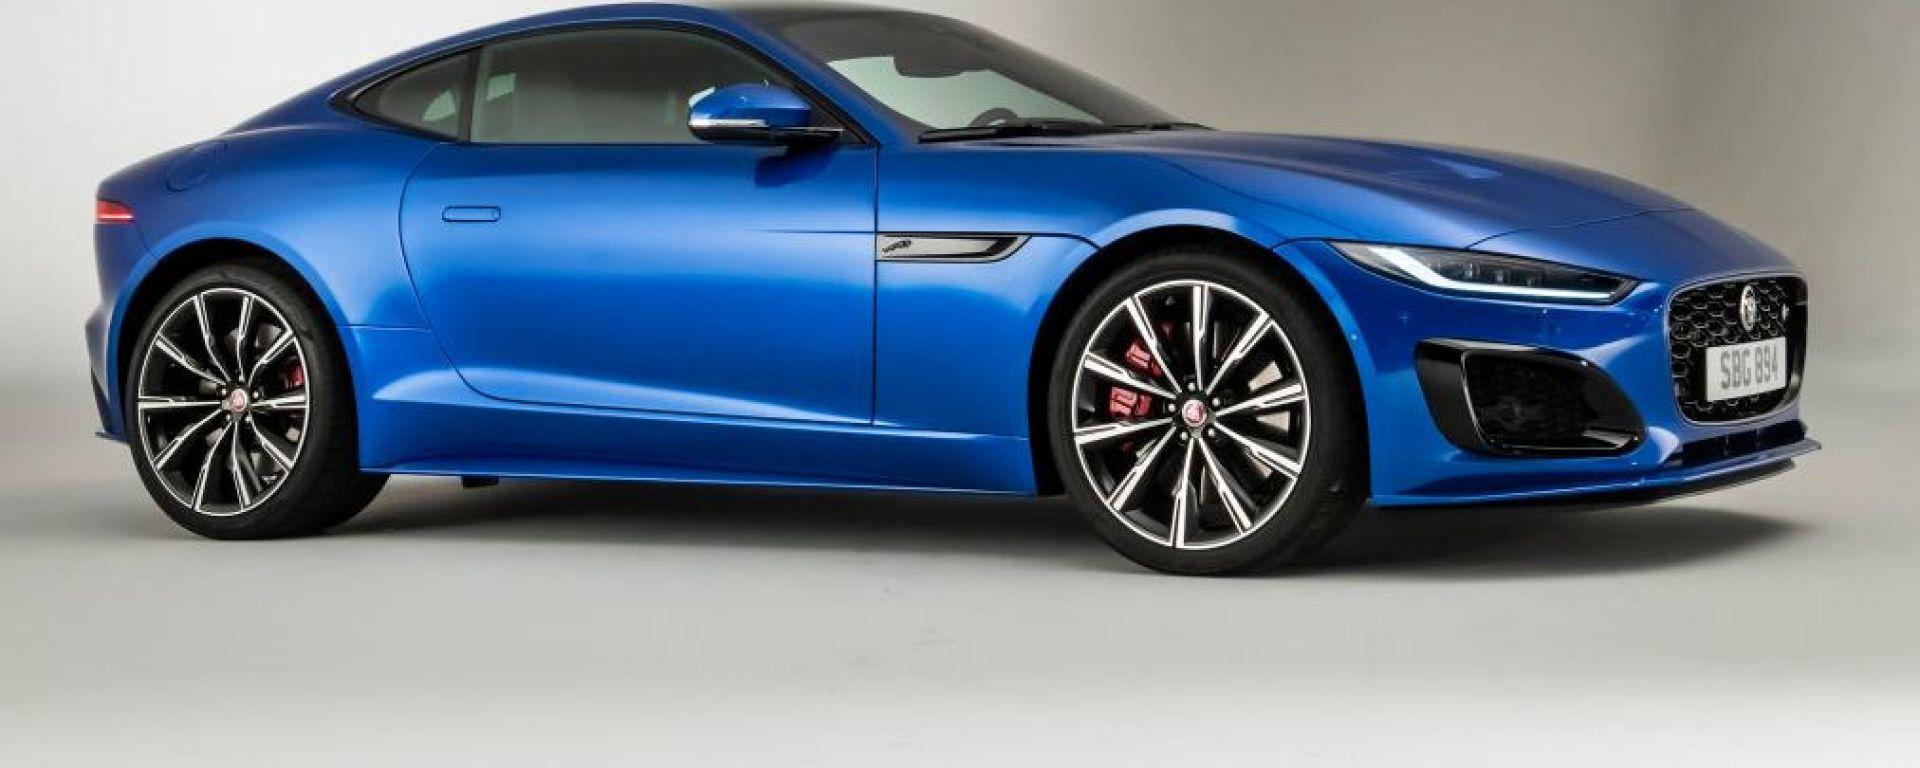 Nuova Jaguar F-Type 2020: come cambia la sportiva inglese